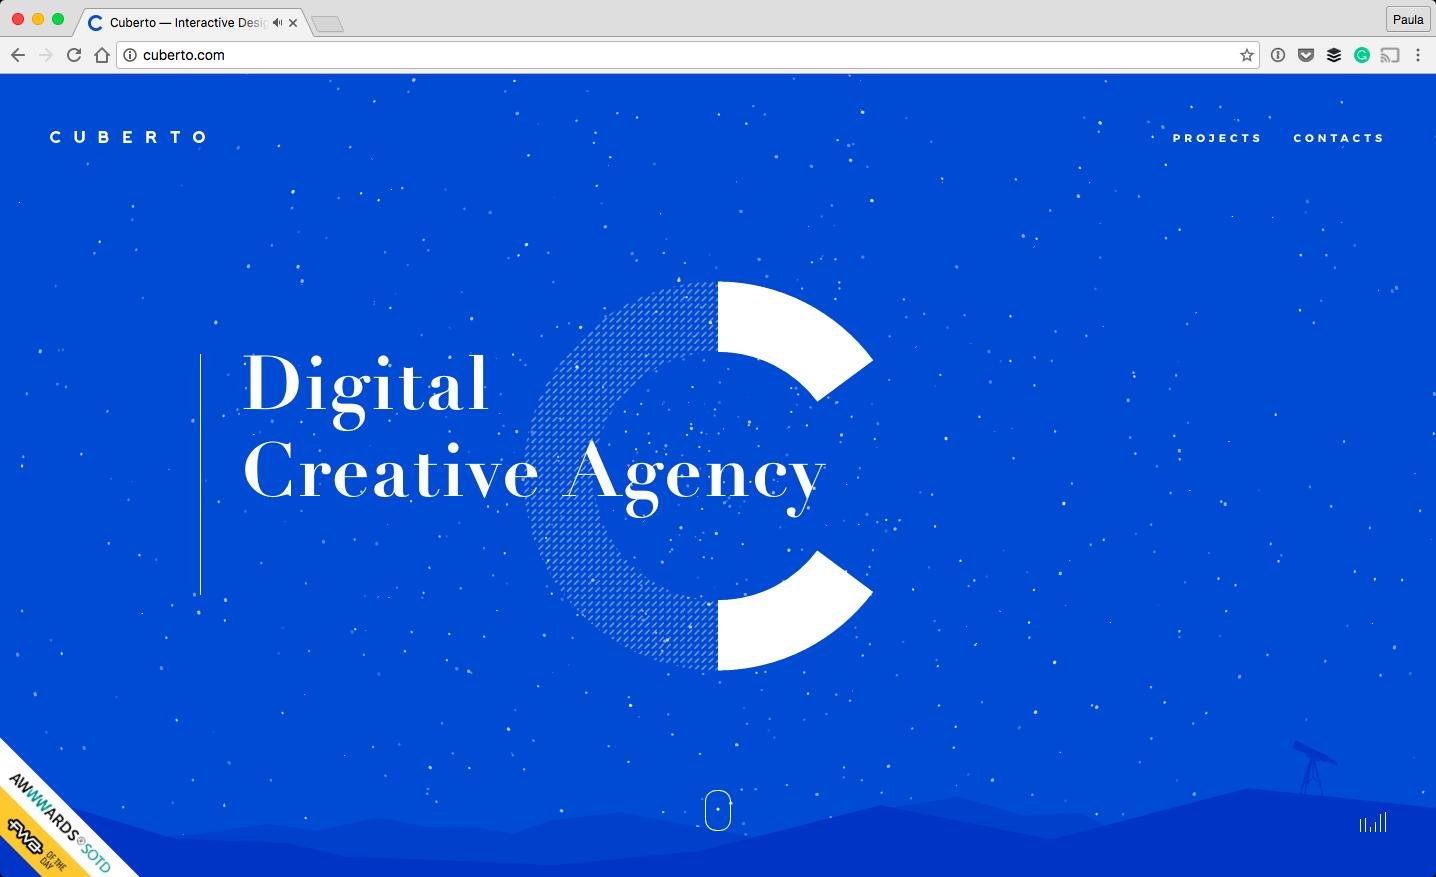 cuberto-interactive-design-studio-%f0%9f%94%8a-2016-09-30-22-57-52